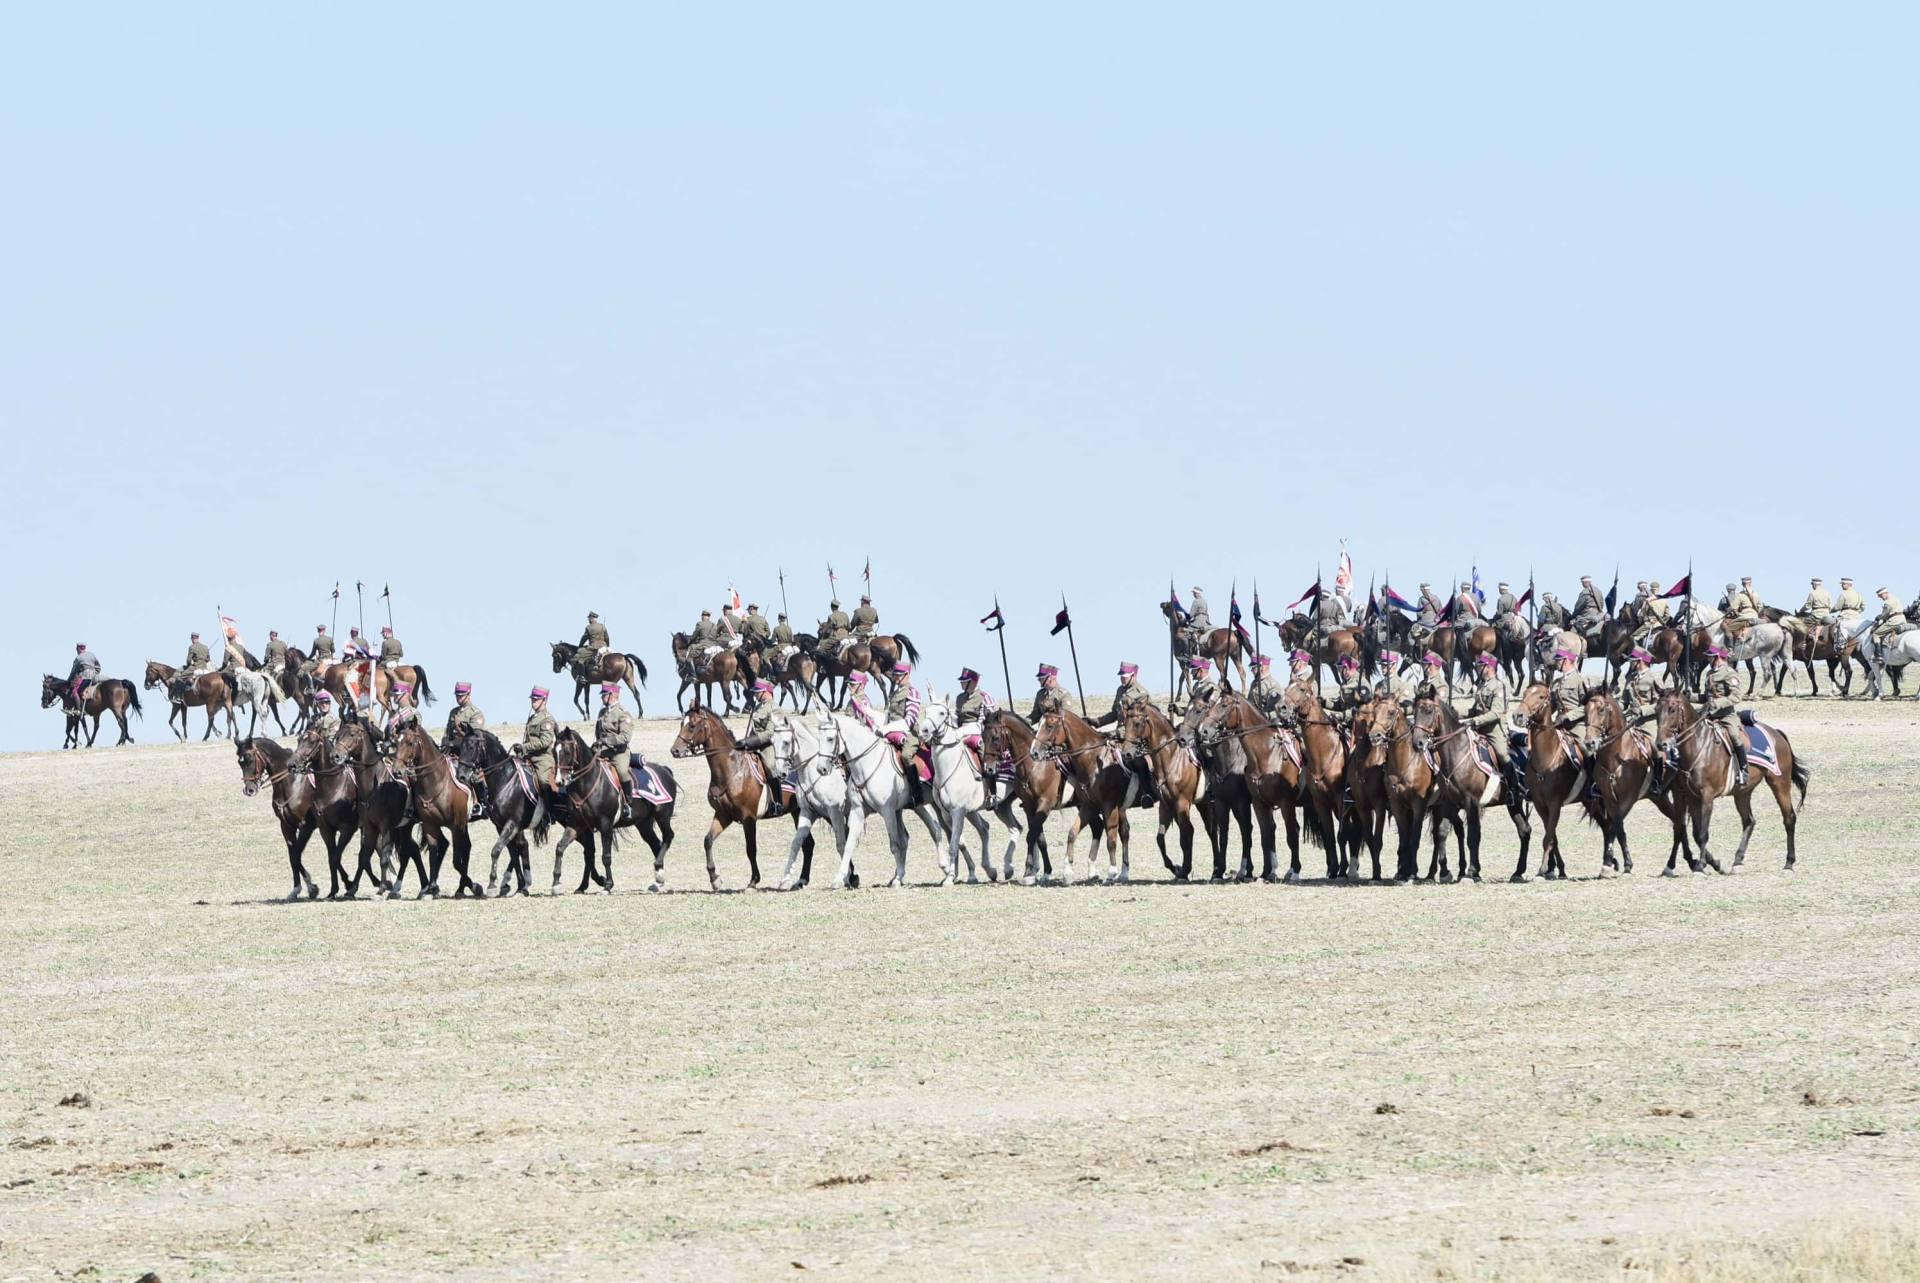 dsc 0667 Czas szabli - 100 rocznica bitwy pod Komarowem(zdjęcia)